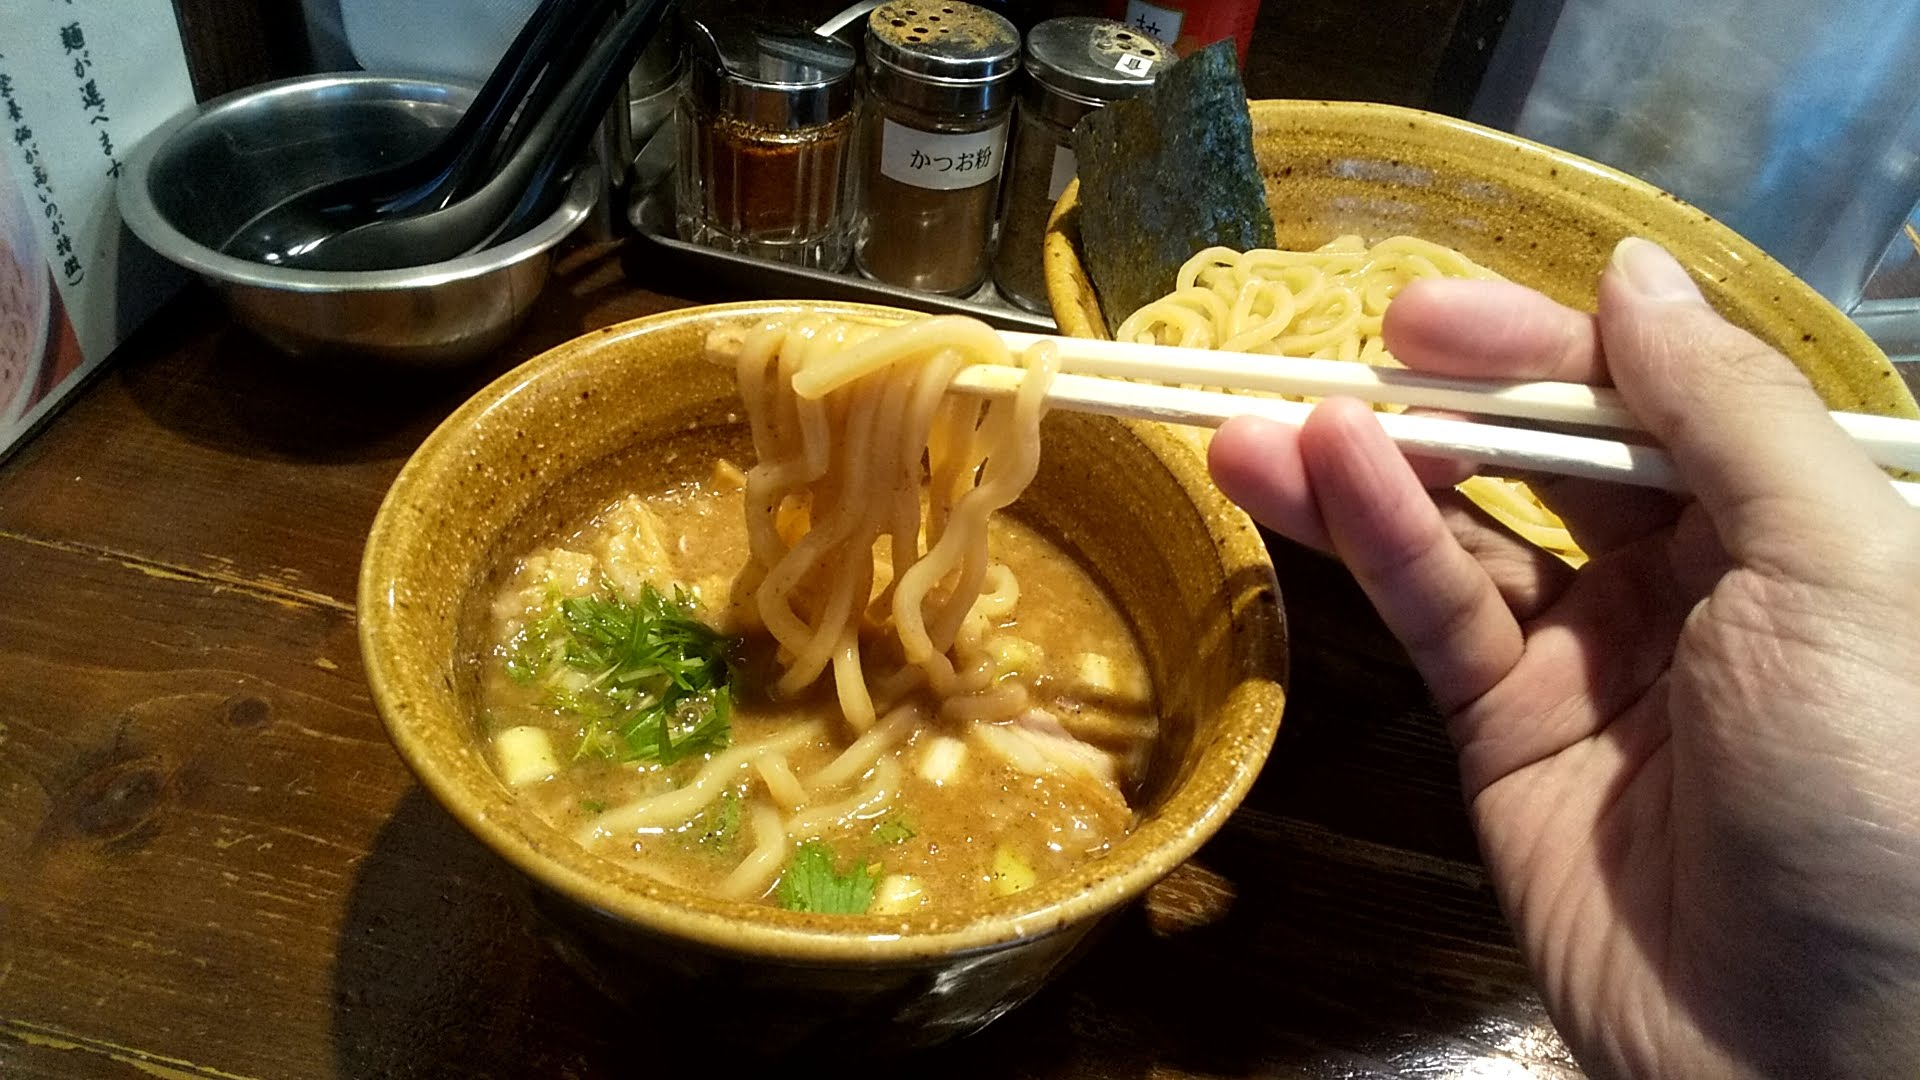 二代目えん寺のベジポタ味玉肉増し煮干しじめつけ麺の麺リフト写真